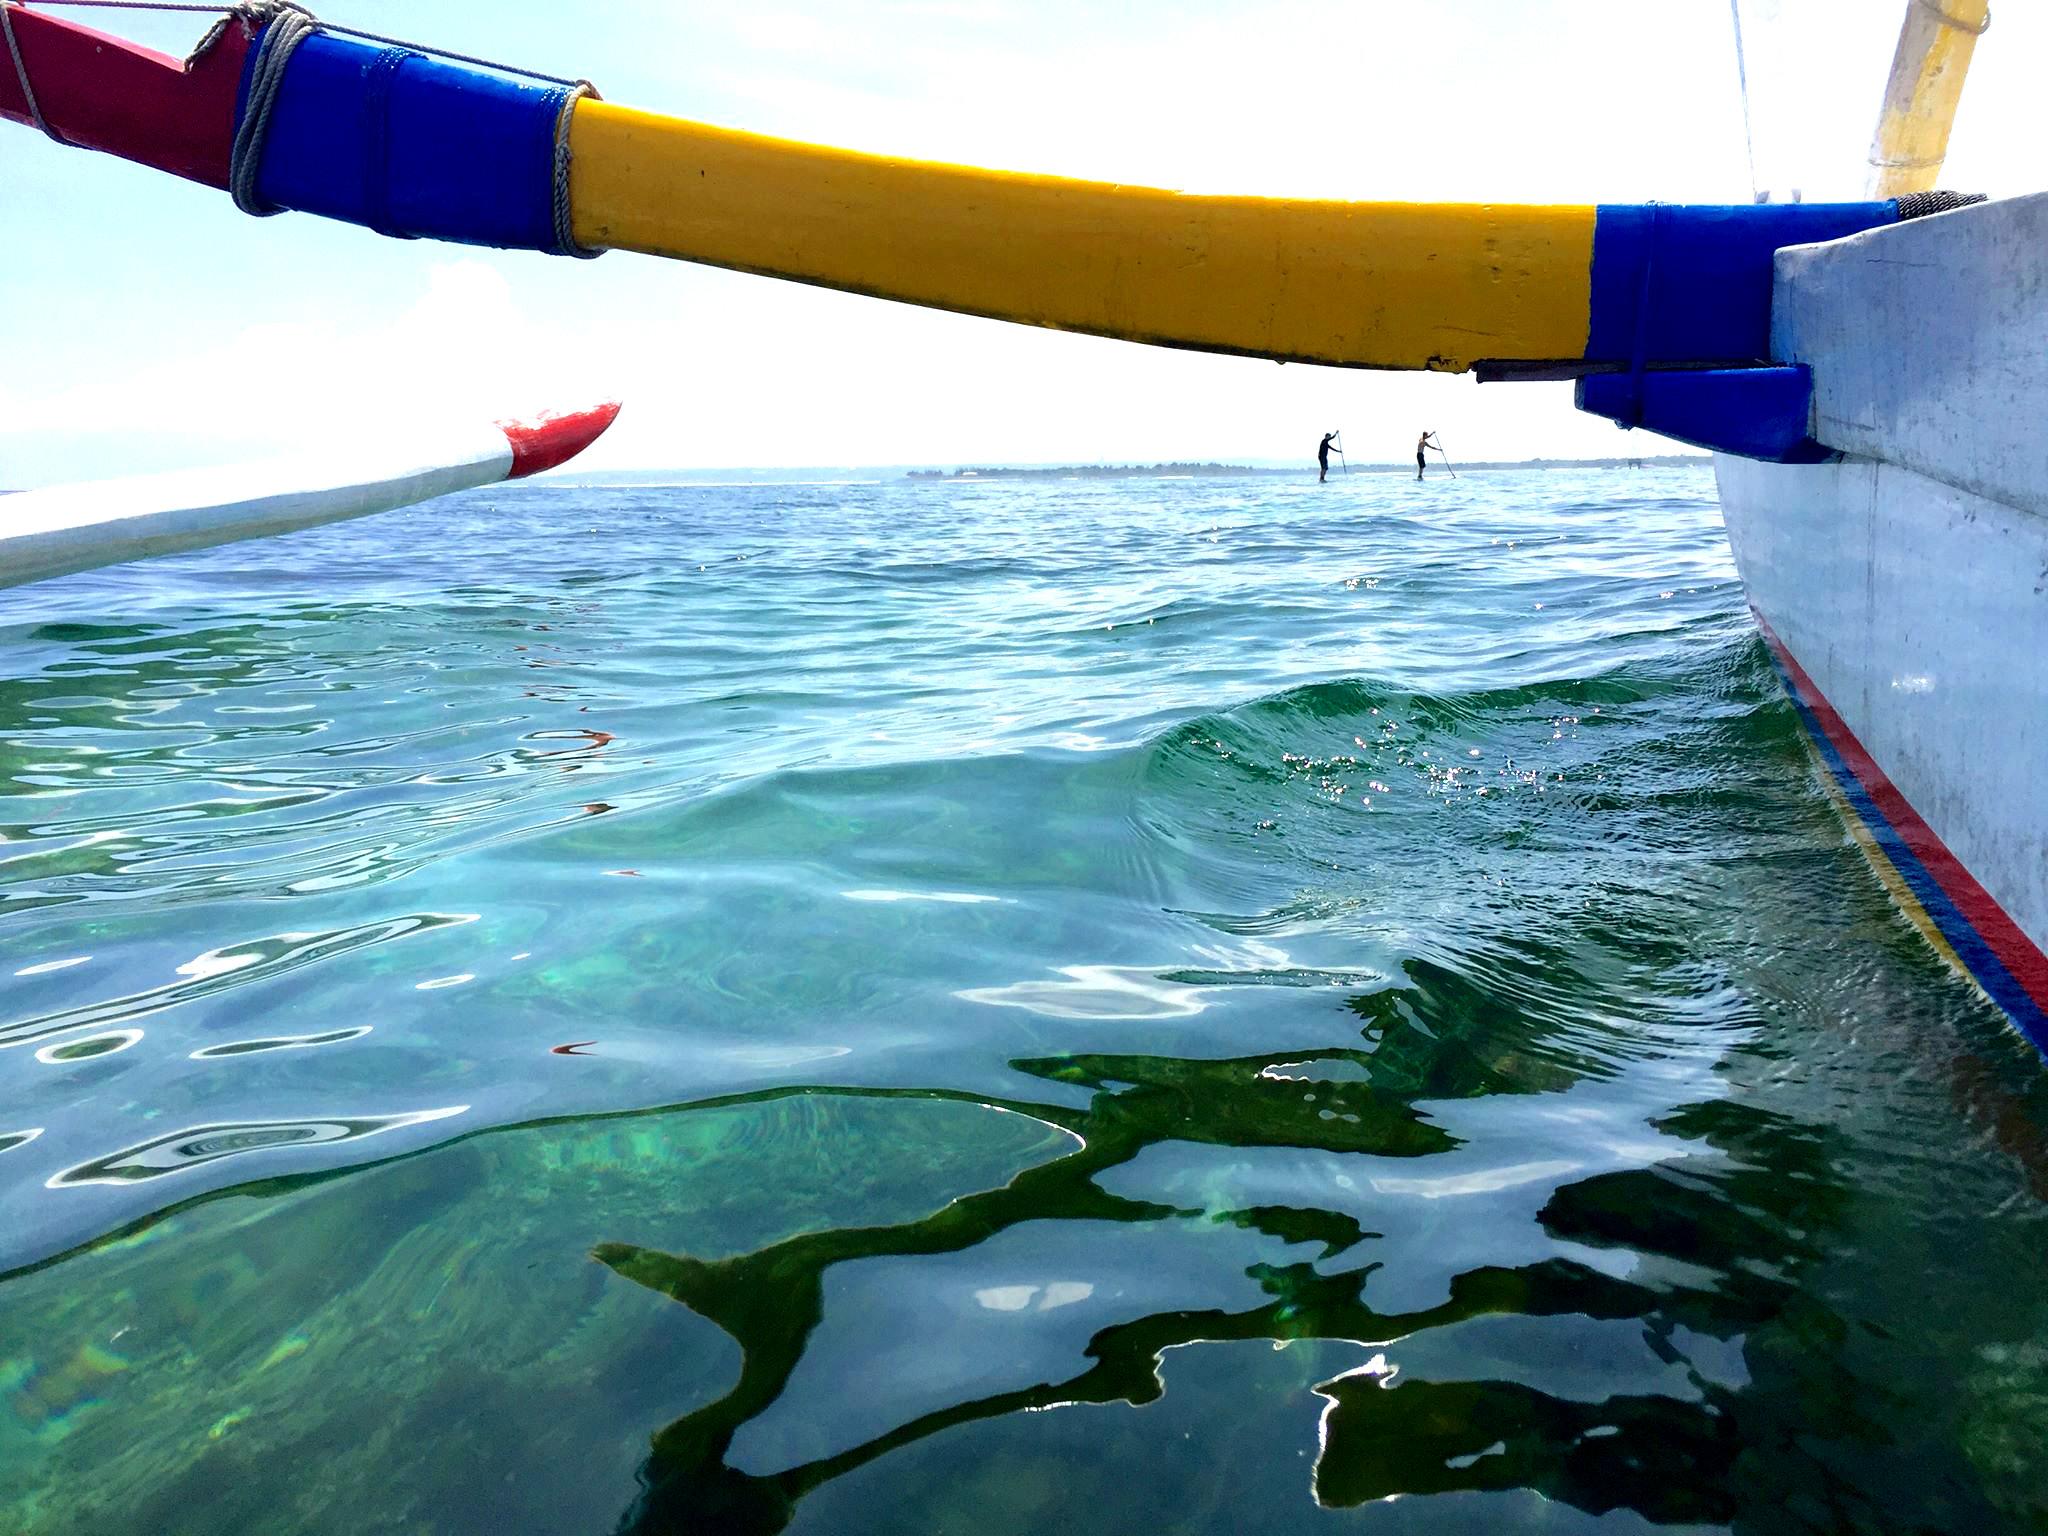 Seiling med tradisjonell jujunk utriggerkano er en fin måte å oppleve lagunen på. Kanskje møter du noen som er ute og padler SUP-brett.